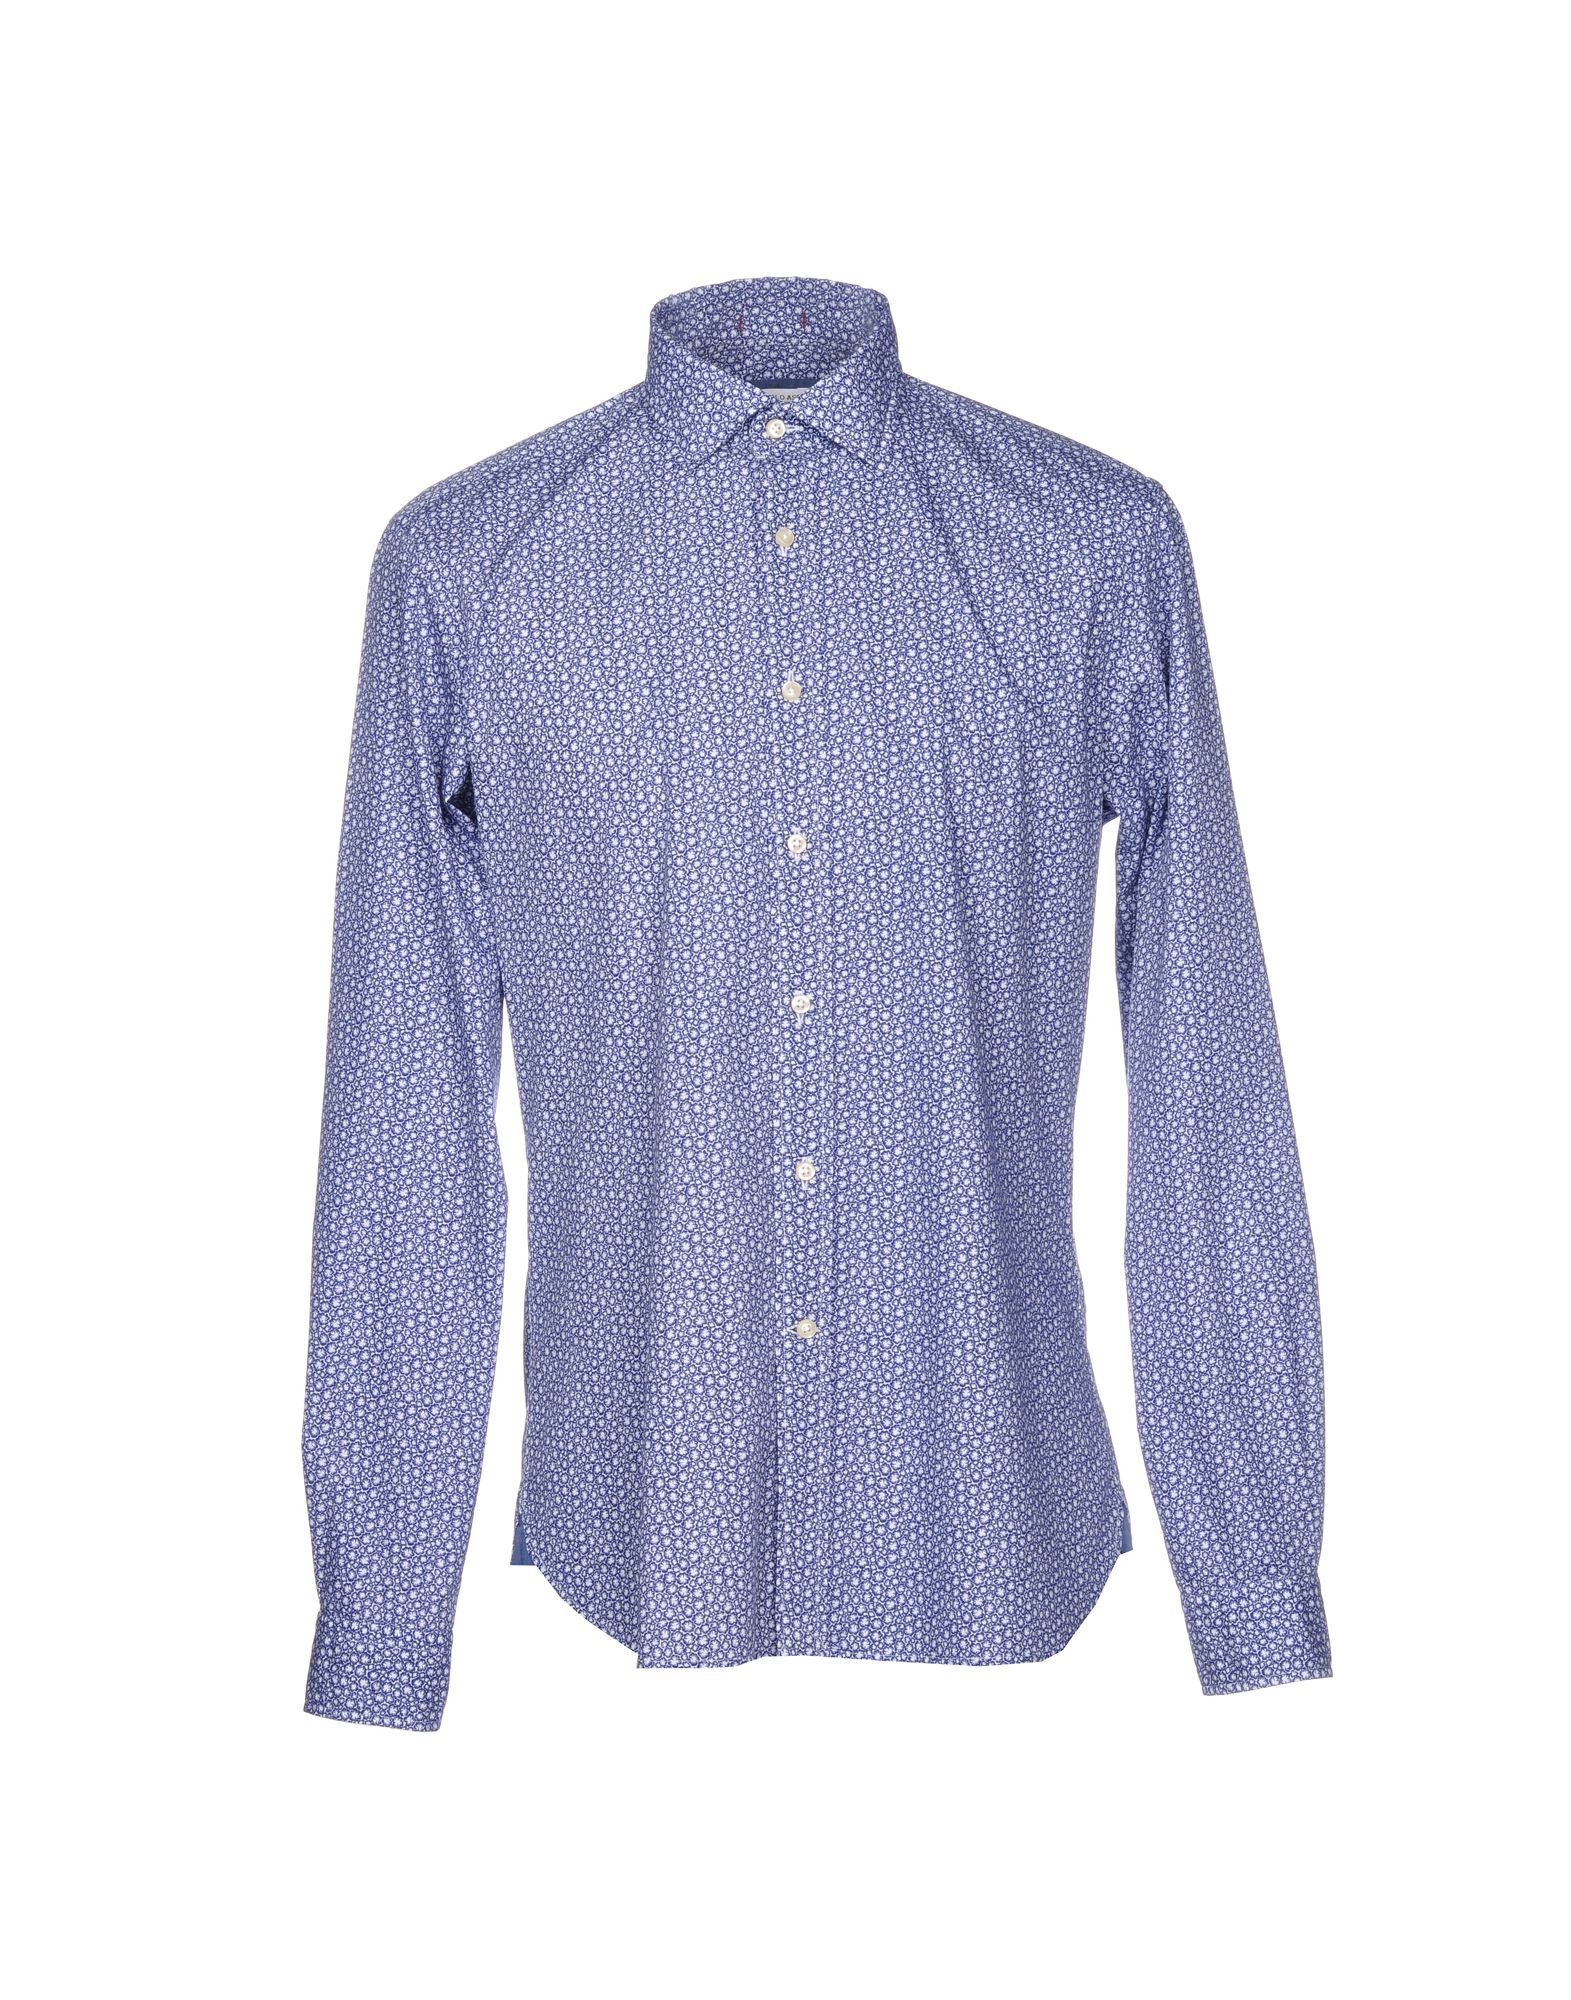 《送料無料》U.S.POLO ASSN. メンズ シャツ ブルー M コットン 100%